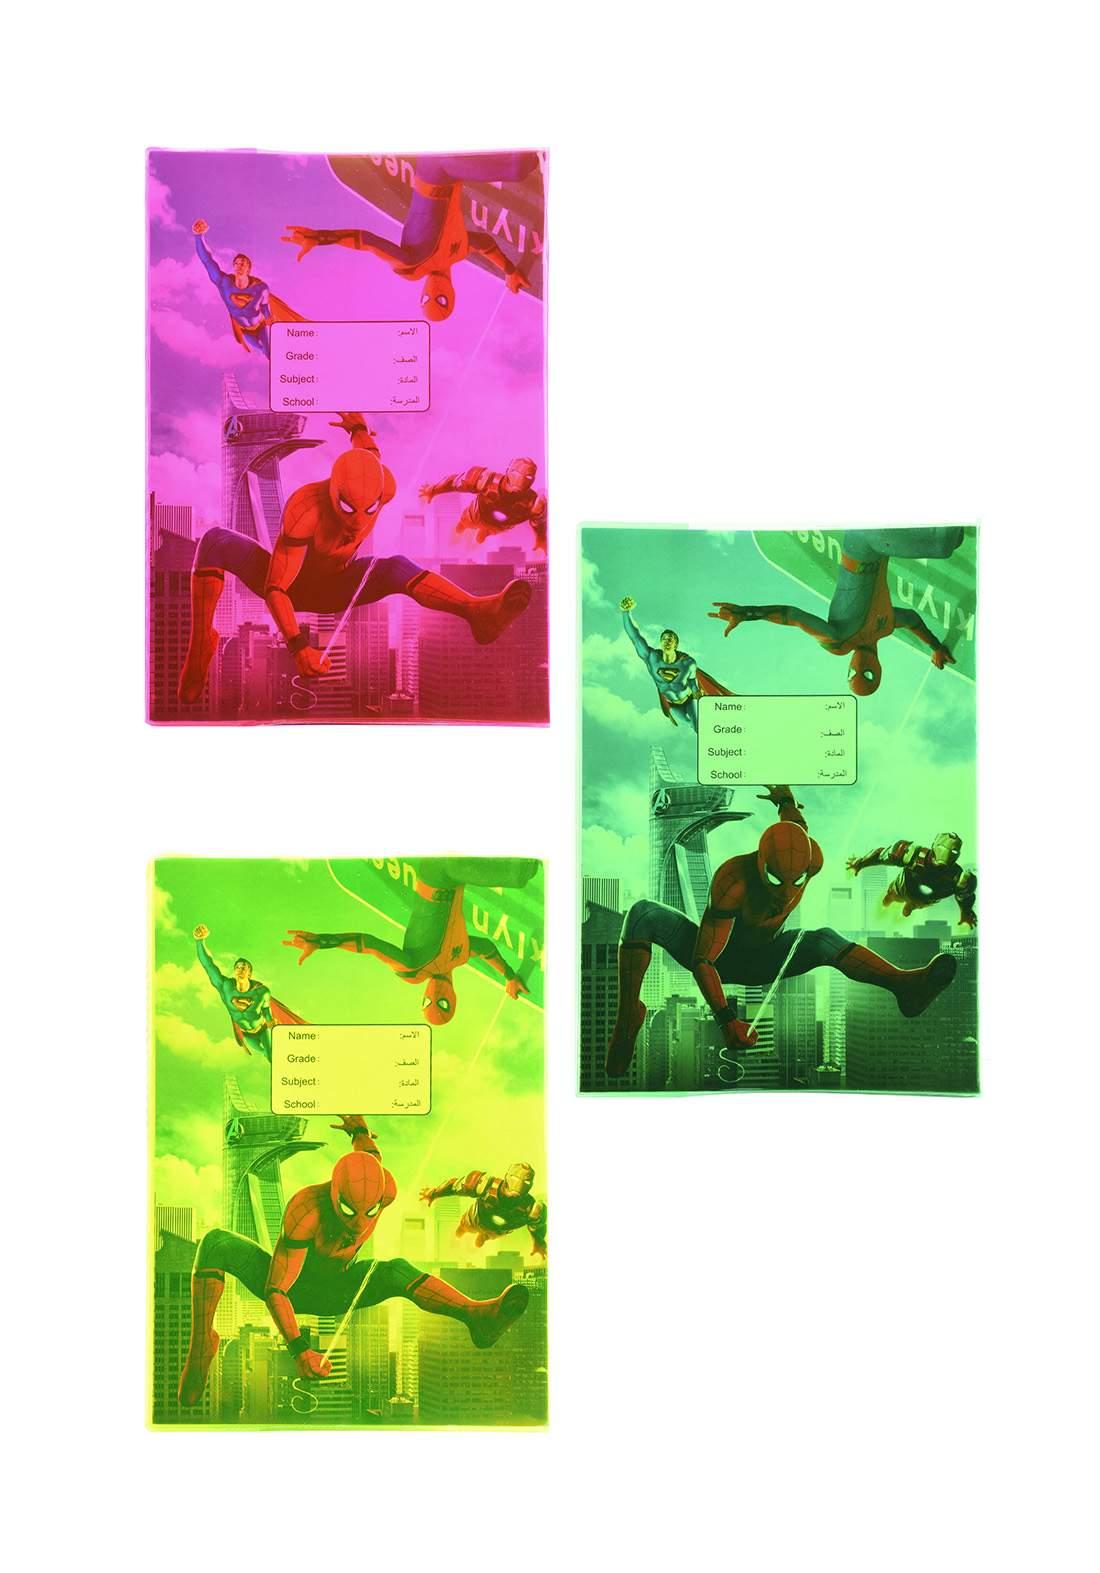 دفتر عربي 60 ورقة برسمة سبايدر مان  F-872